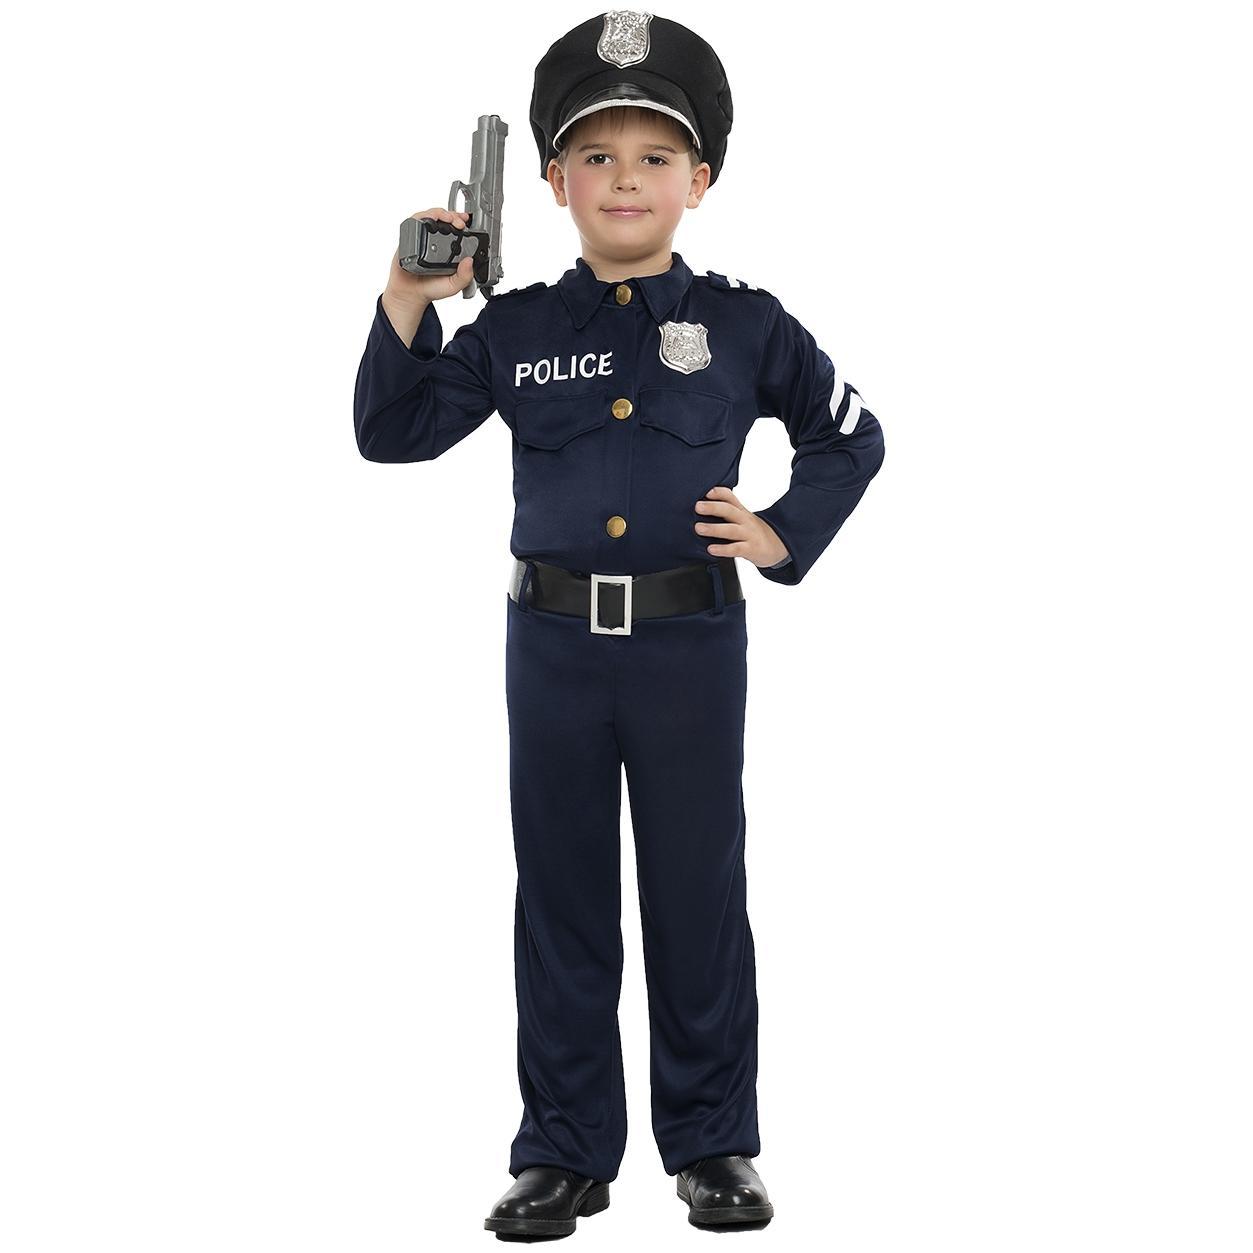 DISFRAZ DE POLICÍA NIÑO INFANTIL